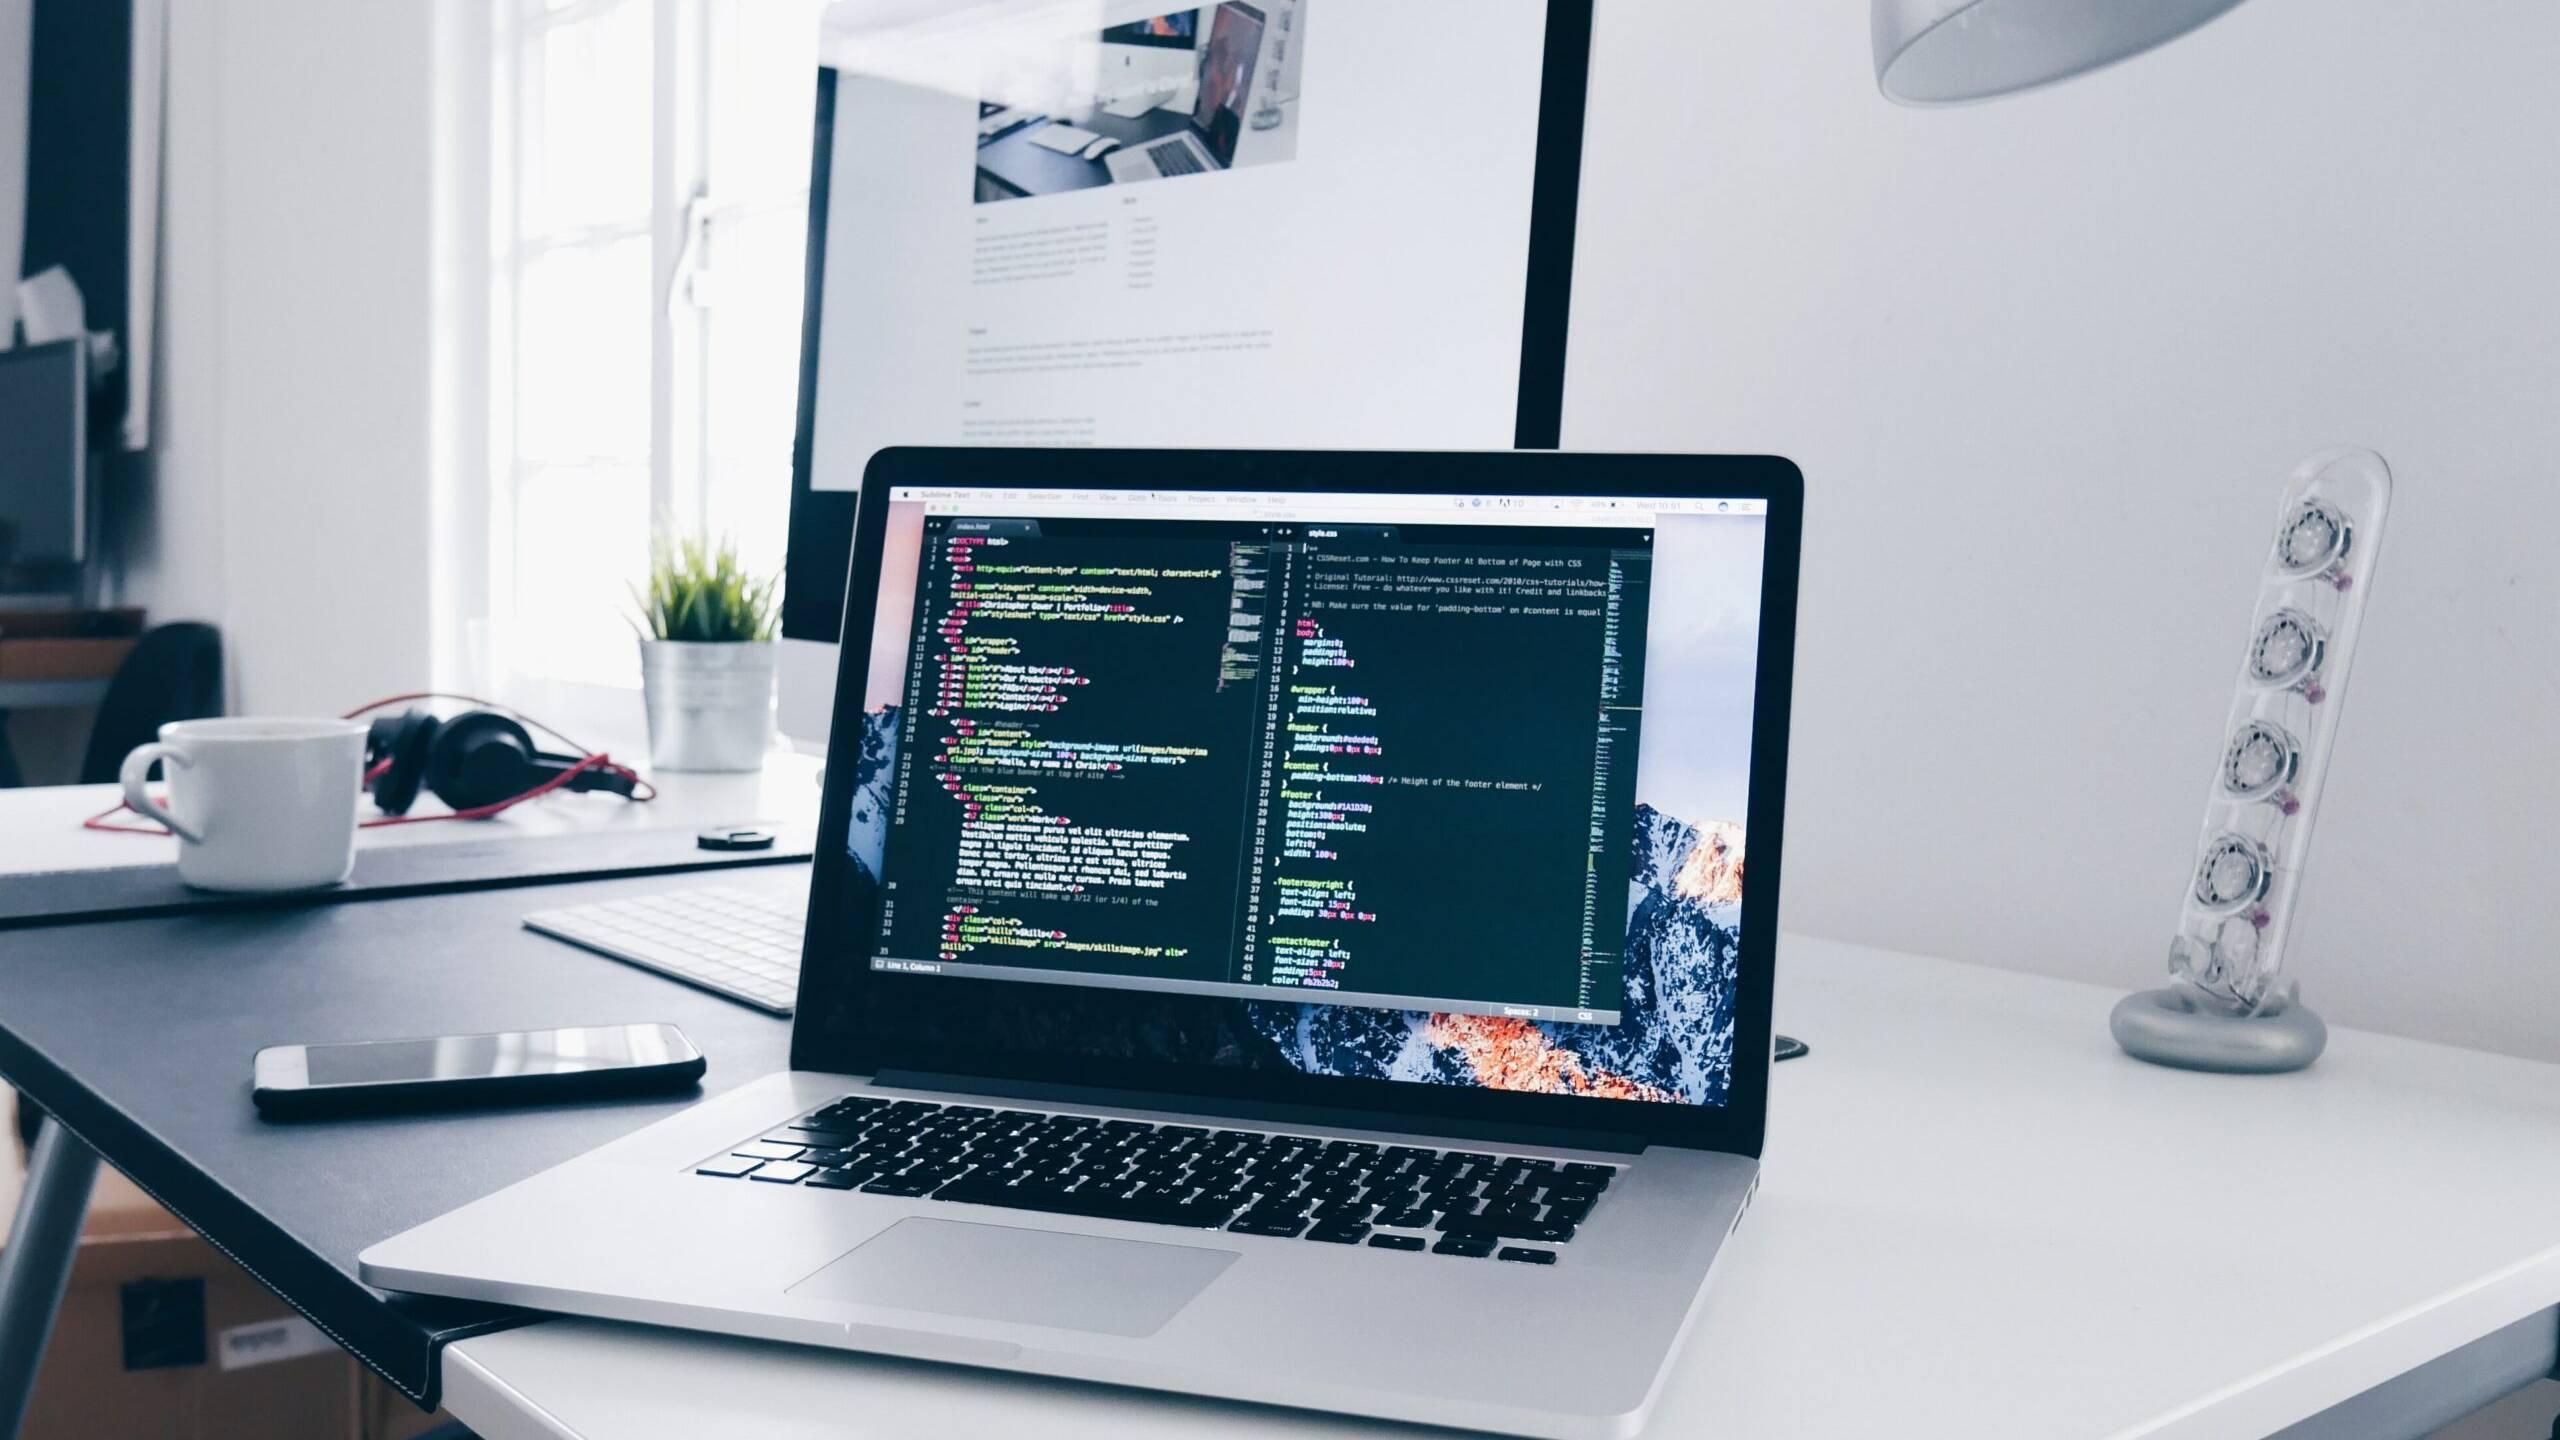 Work-computer-code